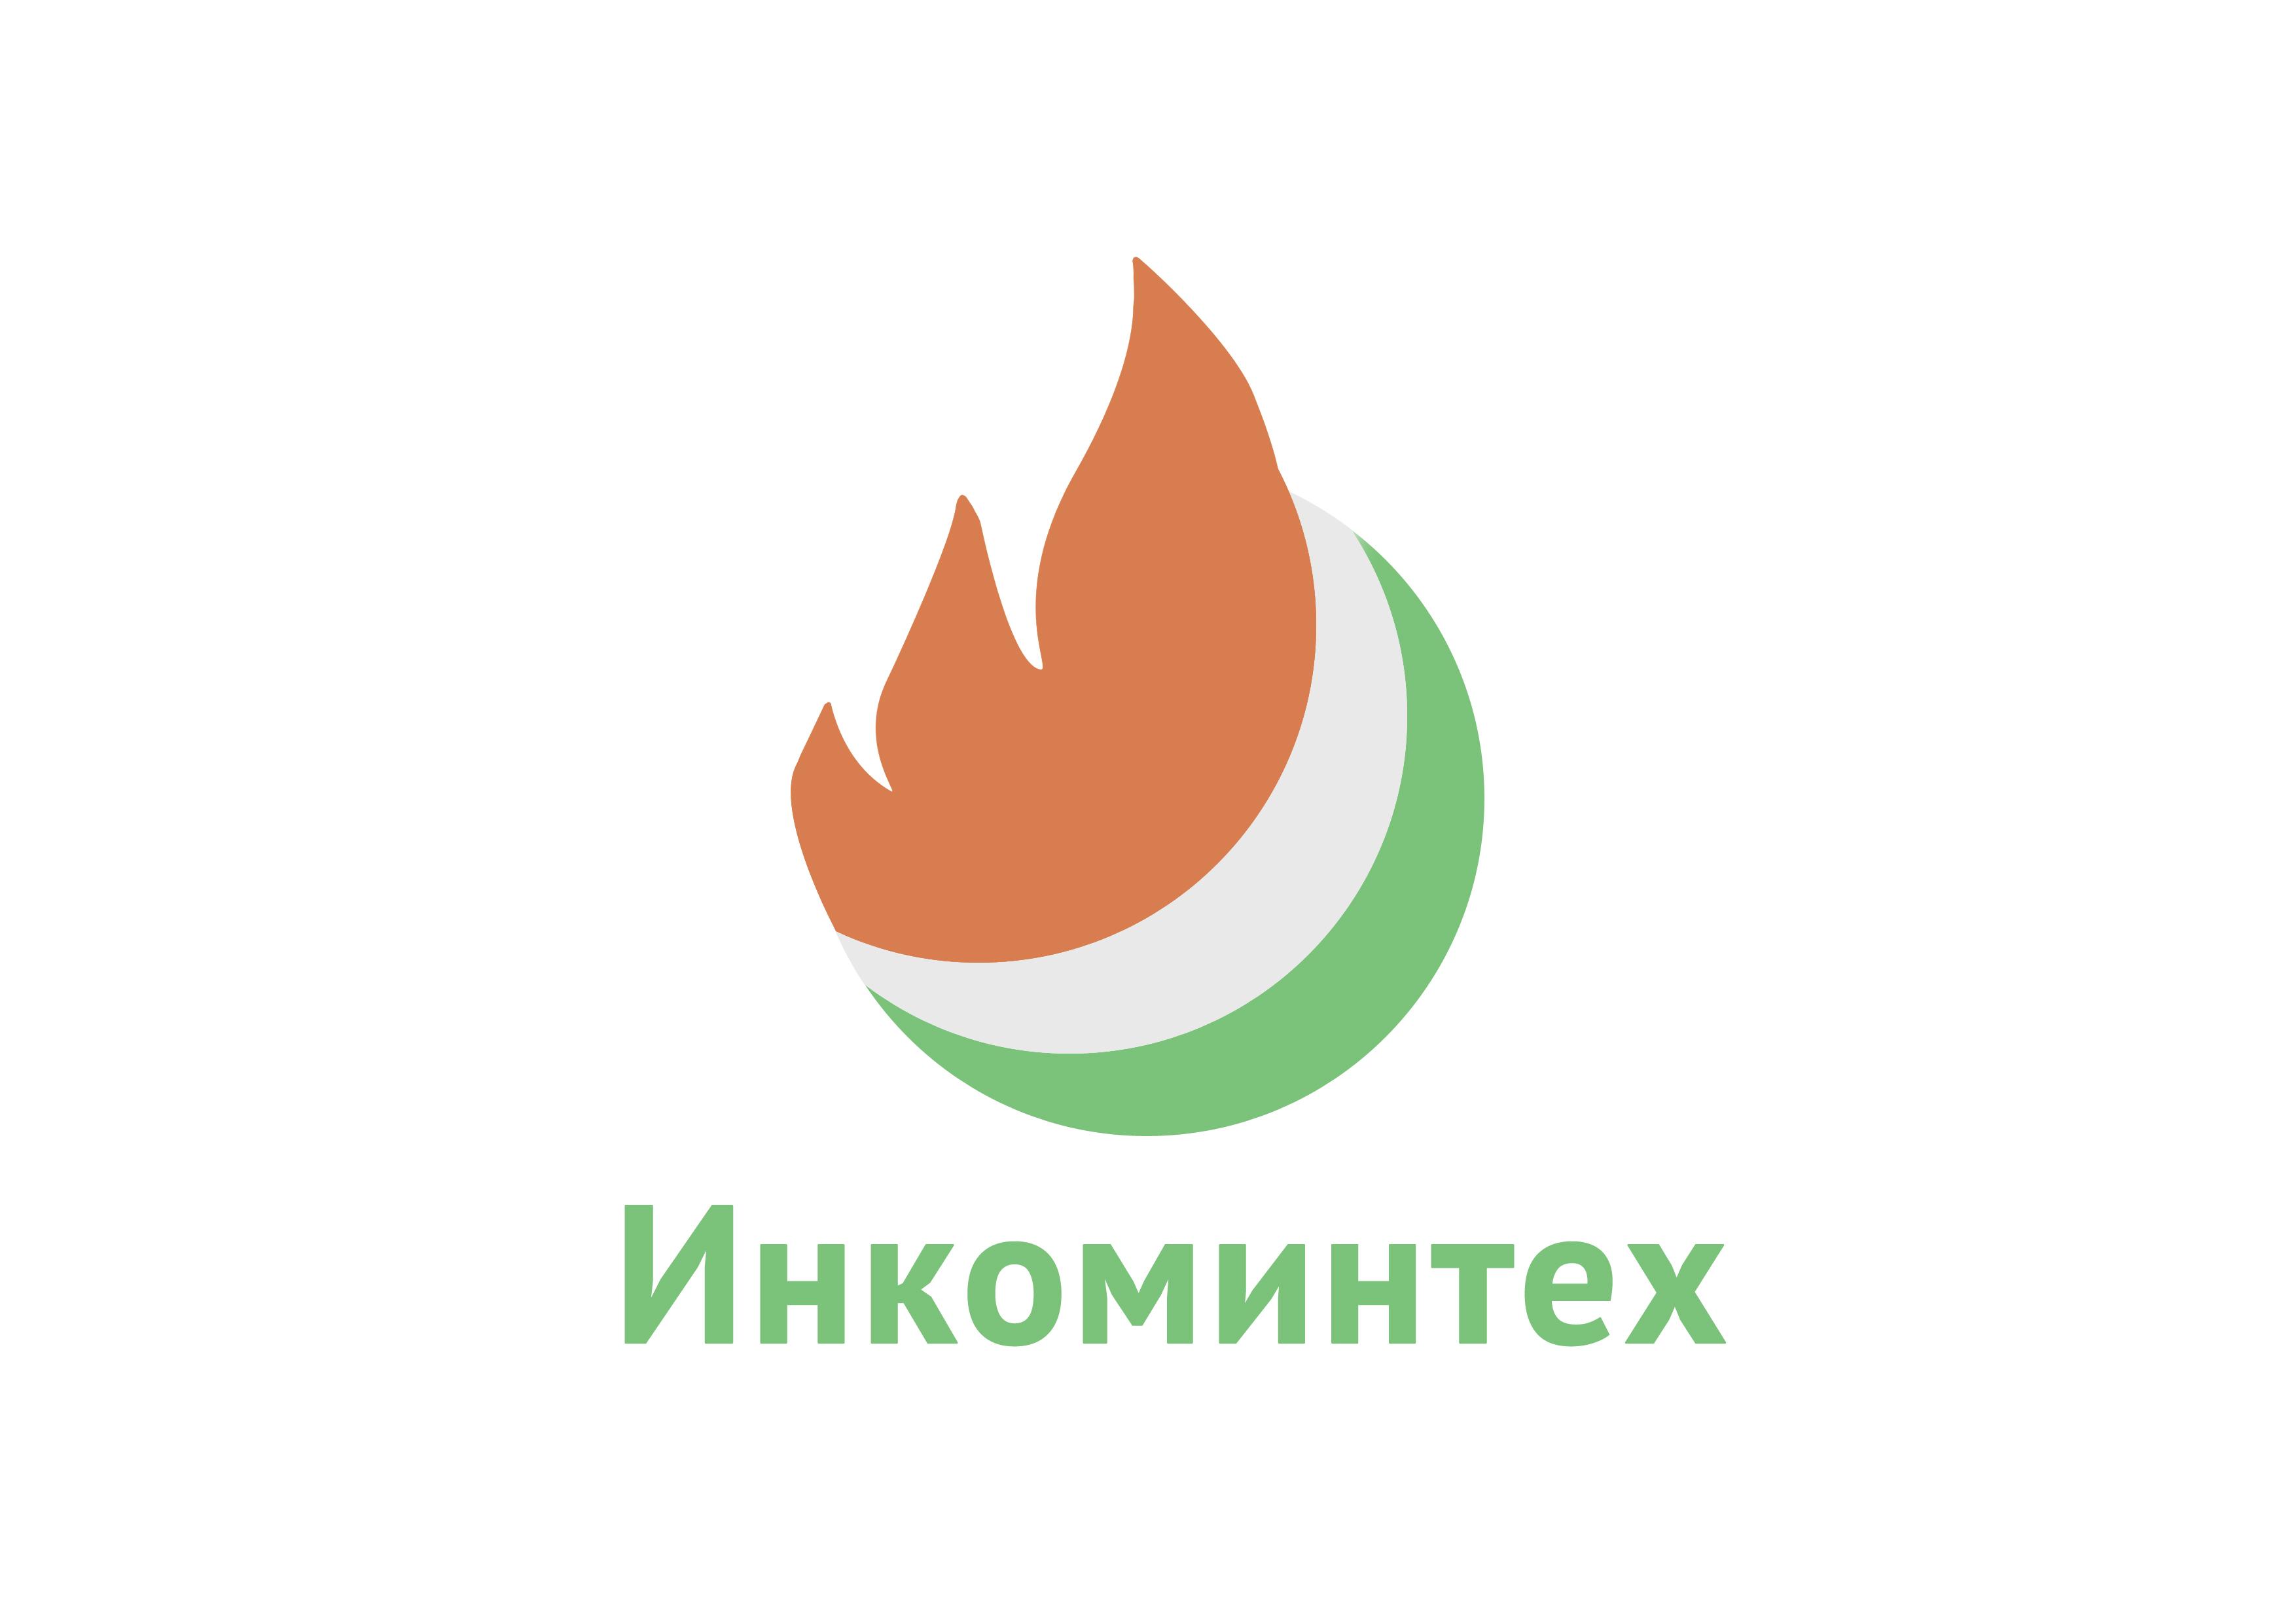 """Разработка логотипа компании """"Инкоминтех"""" фото f_4d9d72b33316c.jpg"""